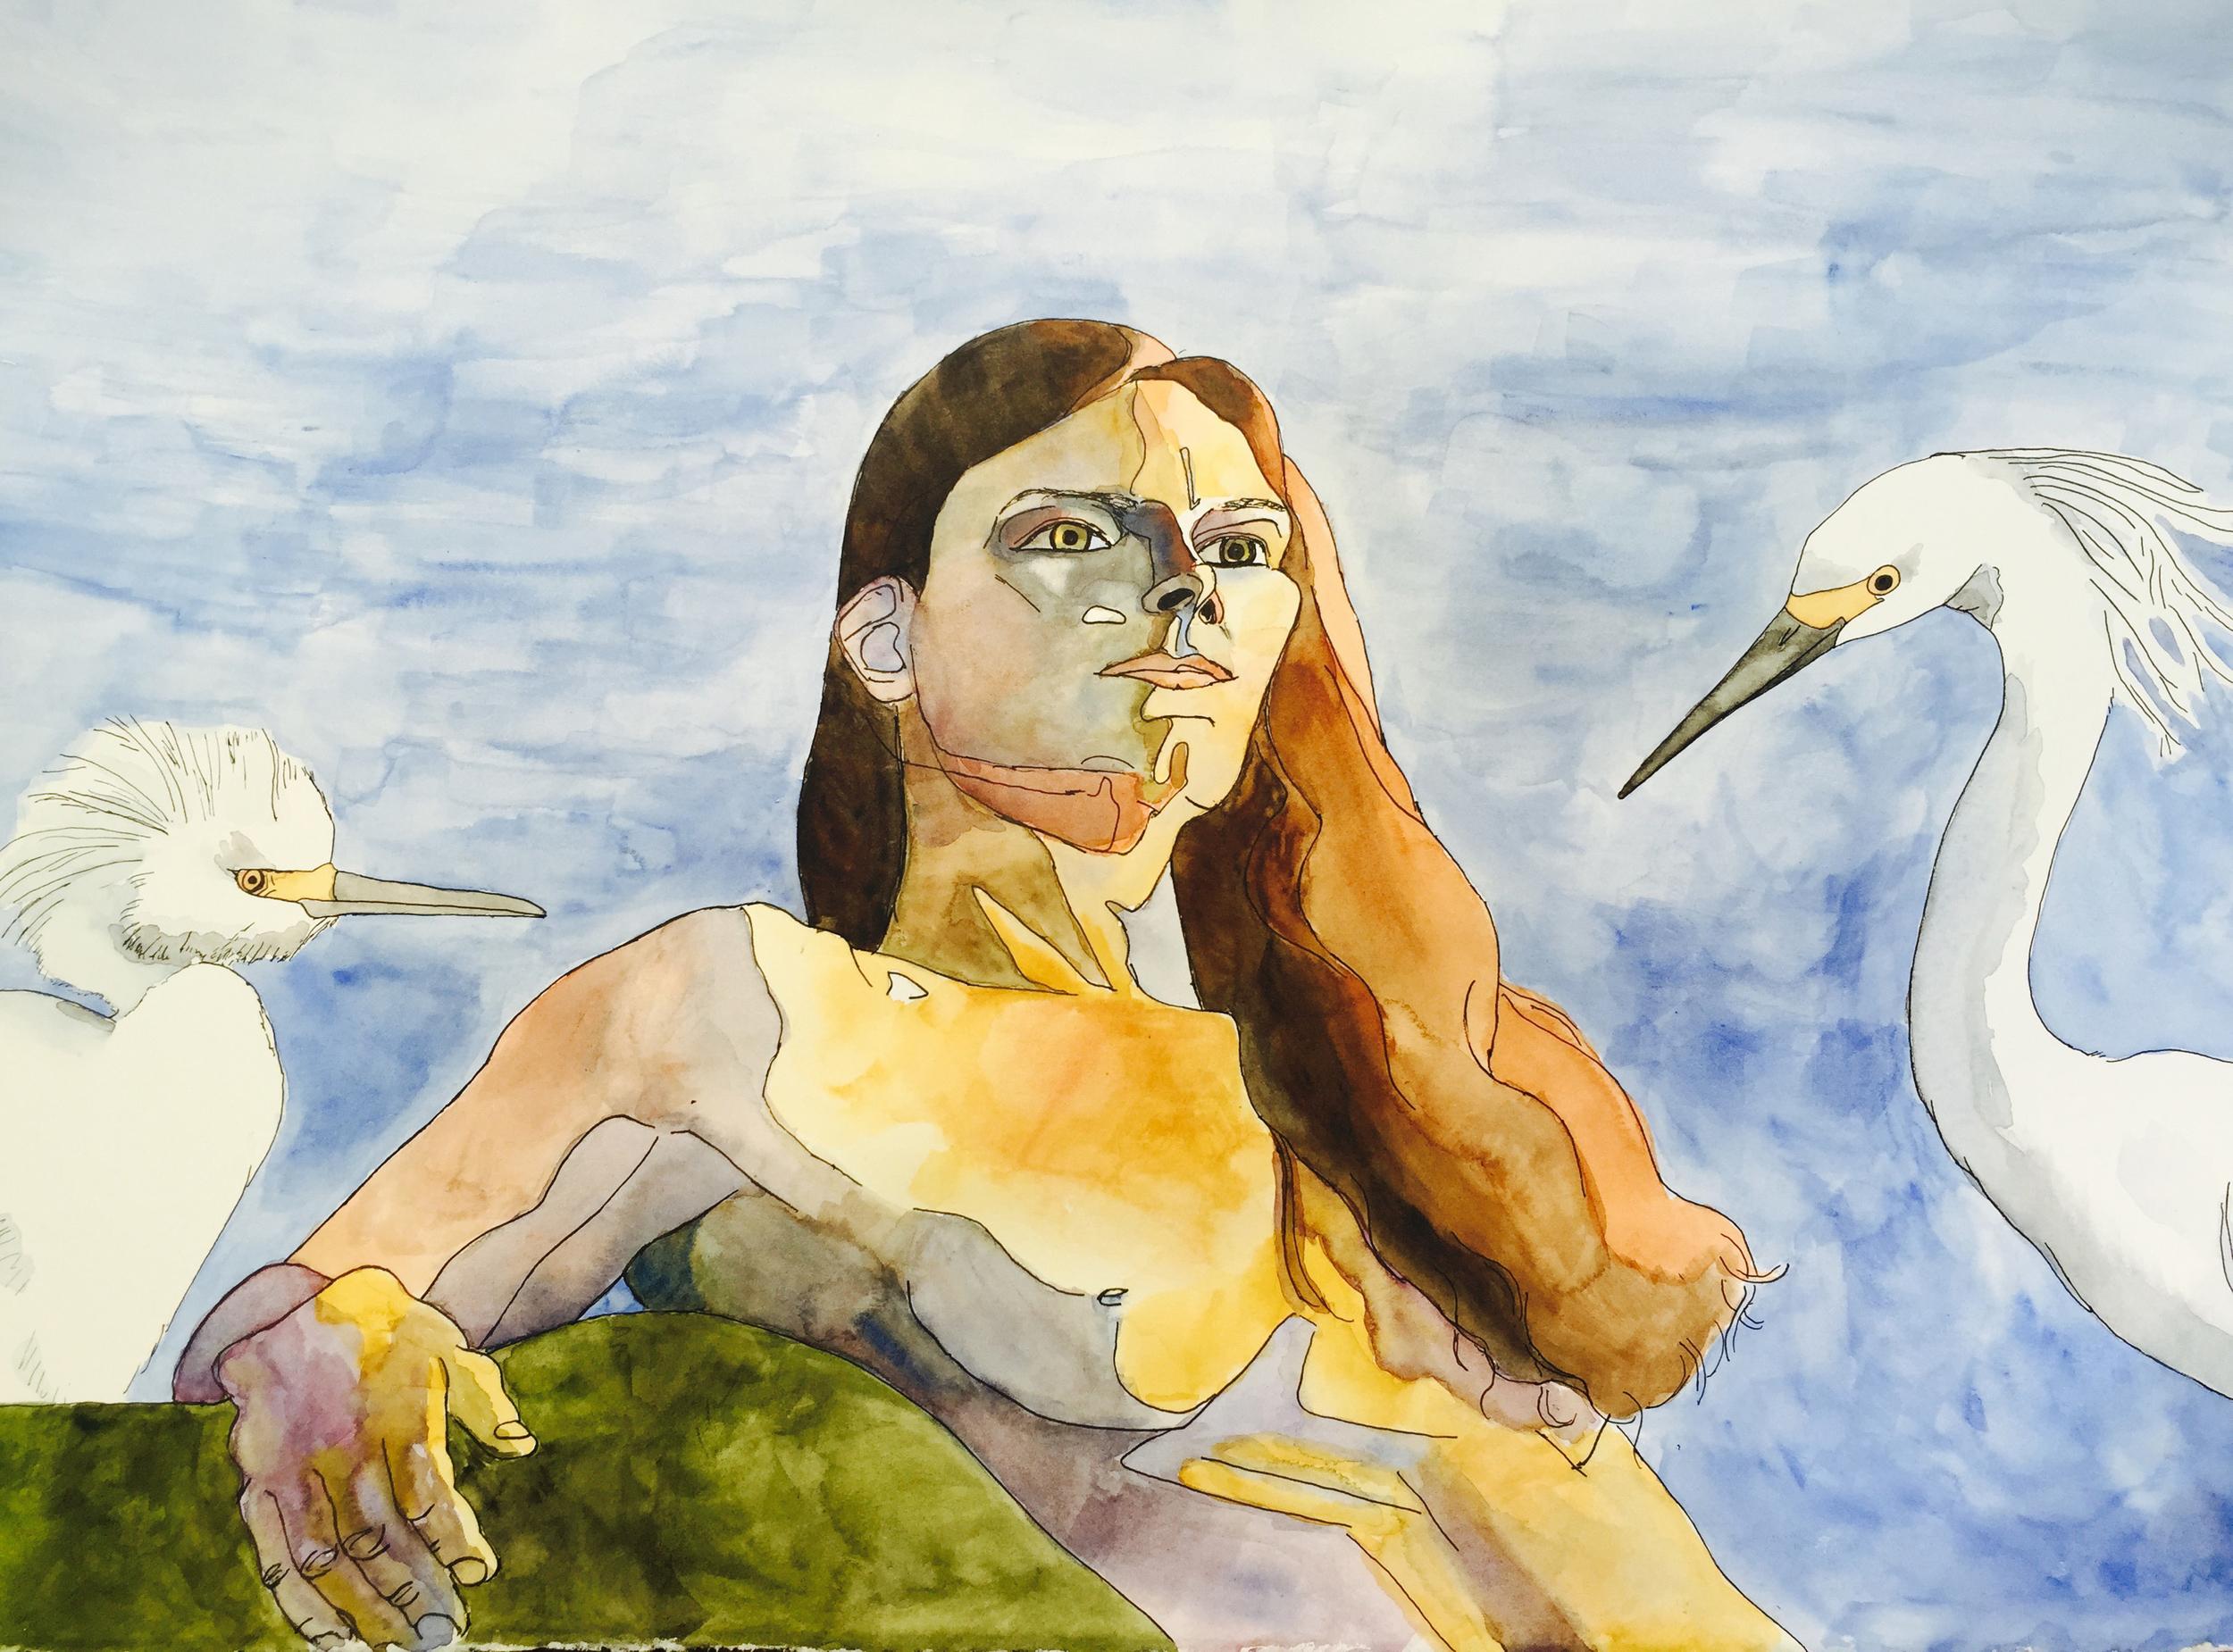 2015.07.11.The Egret Queen.watercolor. woman.jpg